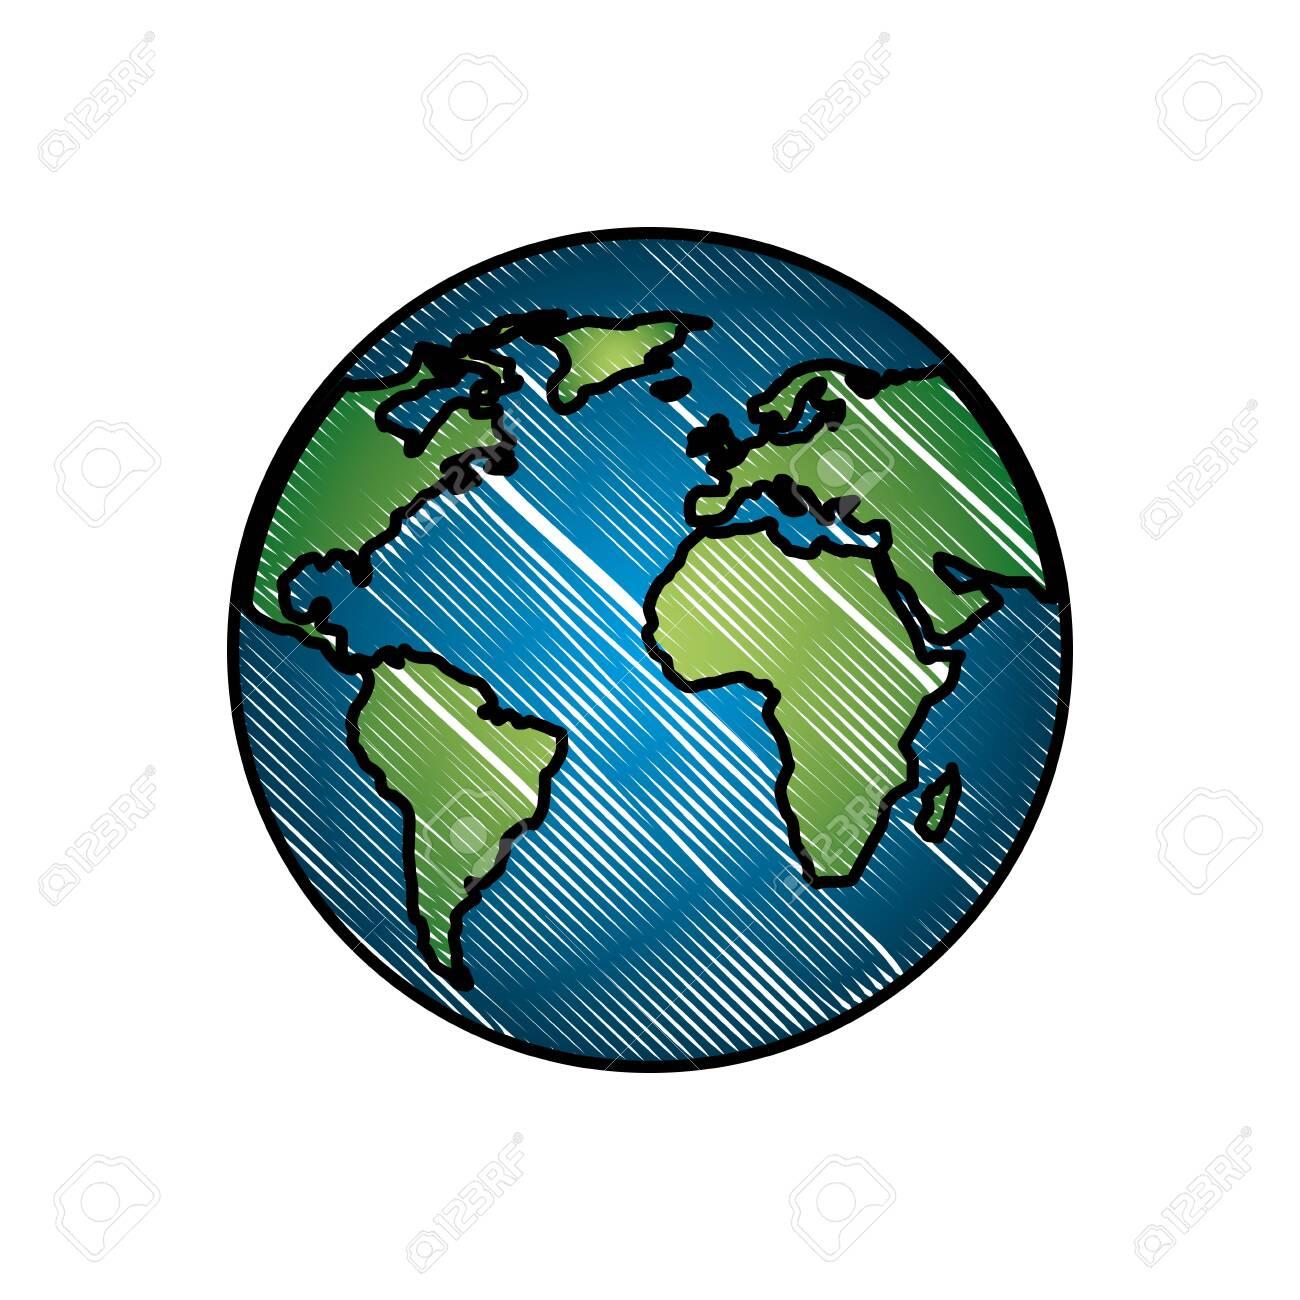 Planète Terre Monde Planète Energy Energy Vector Illustration Dessin à Image De La Terre Dessin